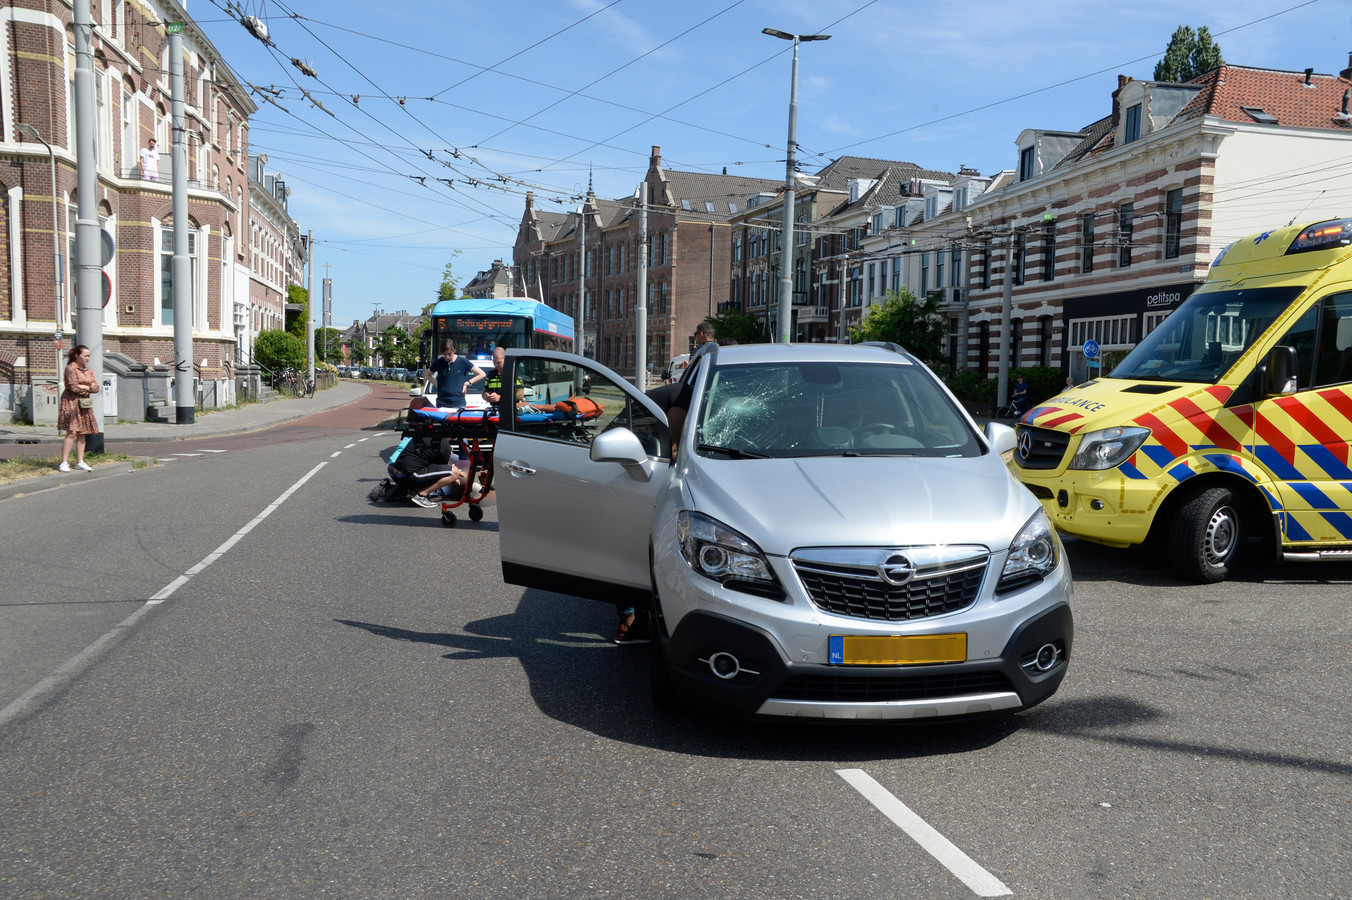 Bbij een aanrijding op de Boulevard Heuvelink in Arnhem is een fietser ernstig gewond geraakt.